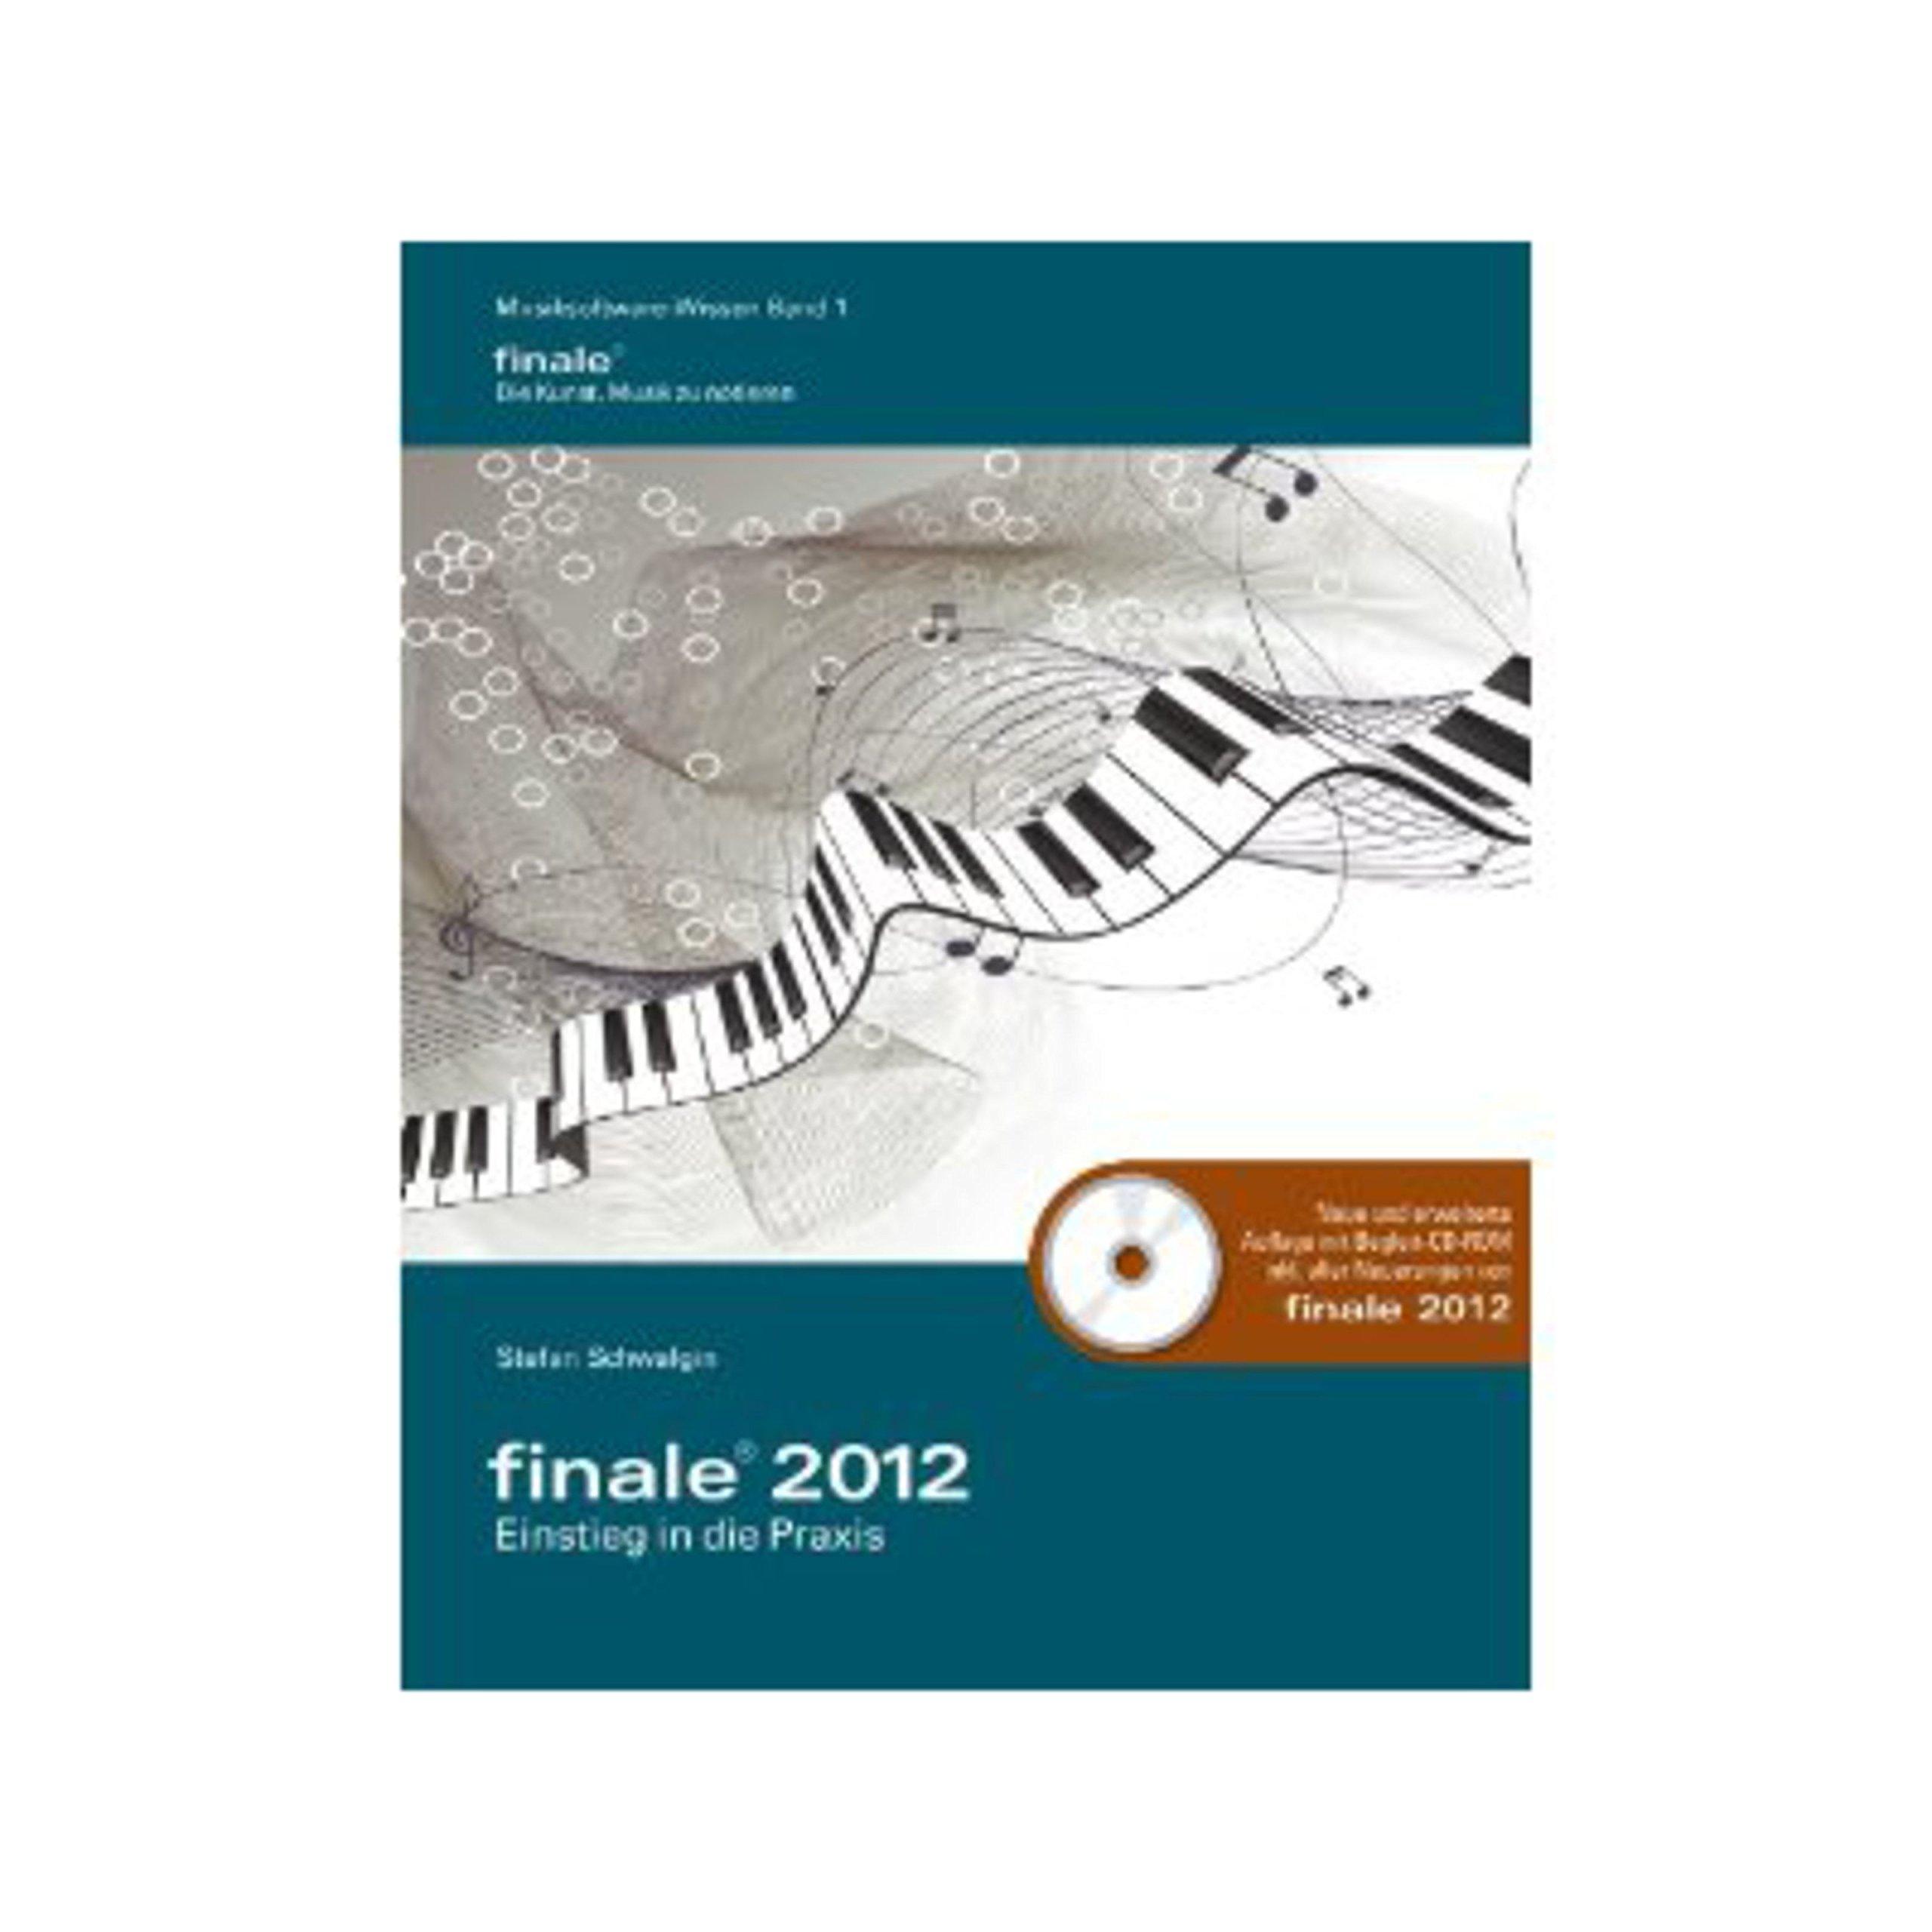 Finale 2012 - Einstieg in die Praxis